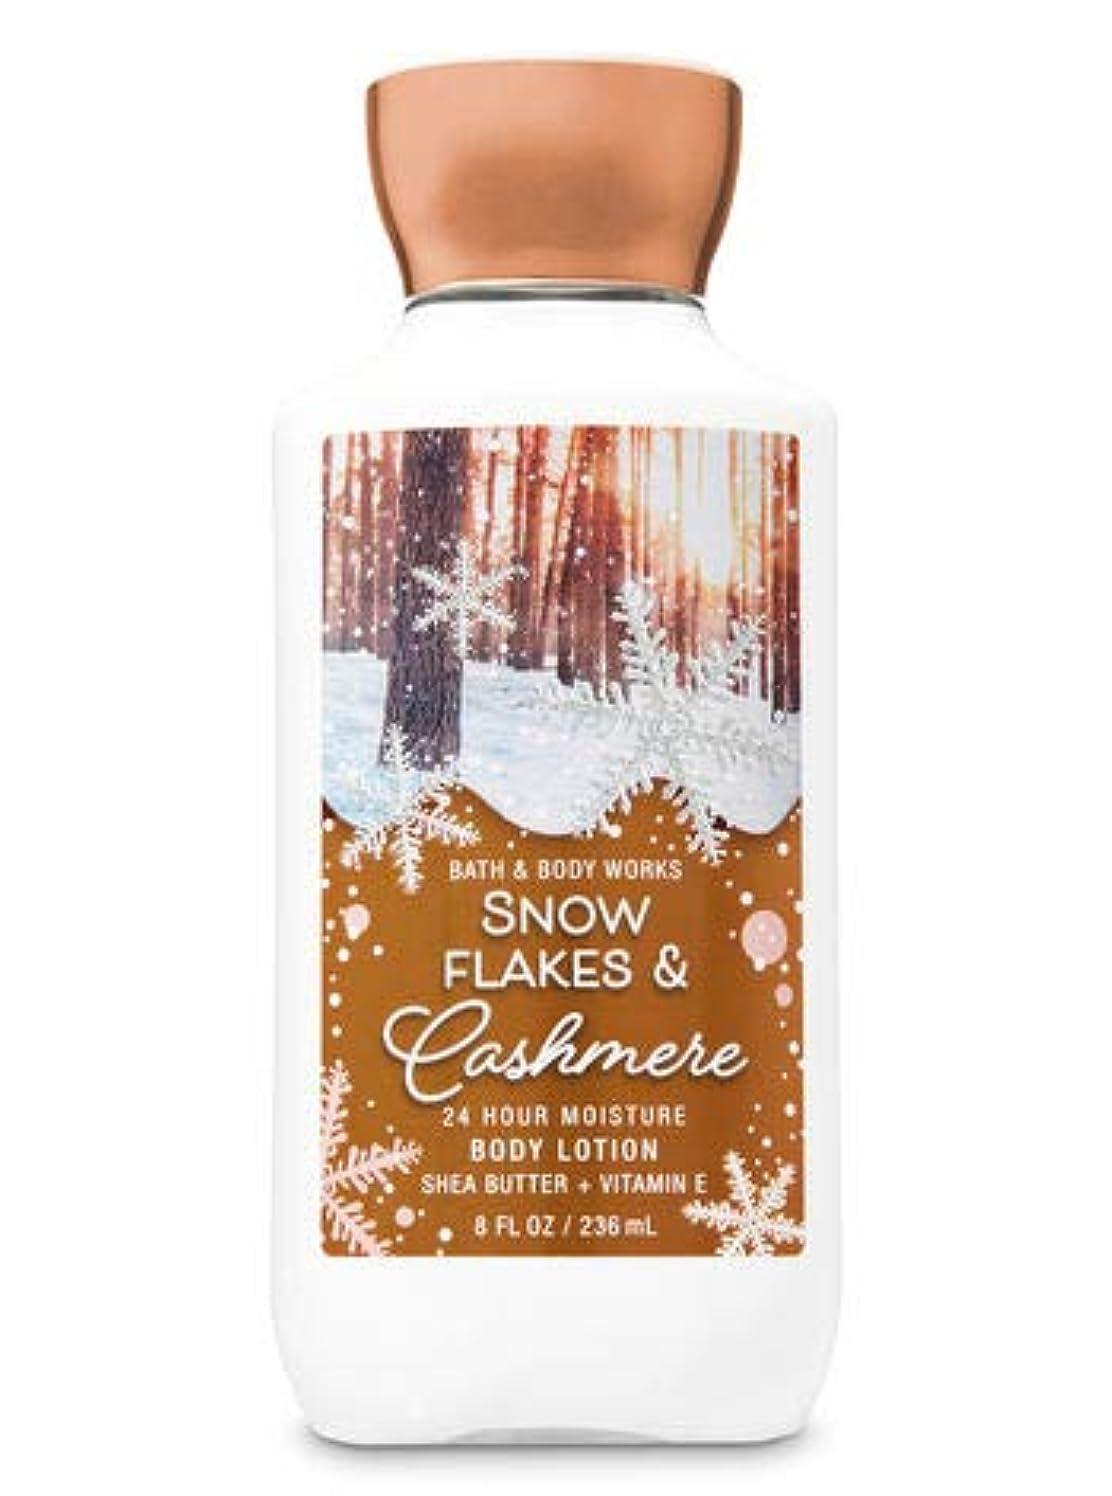 リップメール第九【Bath&Body Works/バス&ボディワークス】 ボディローション スノーフレーク&カシミア Body Lotion Snowflakes & Cashmere 8 fl oz / 236 mL [並行輸入品]